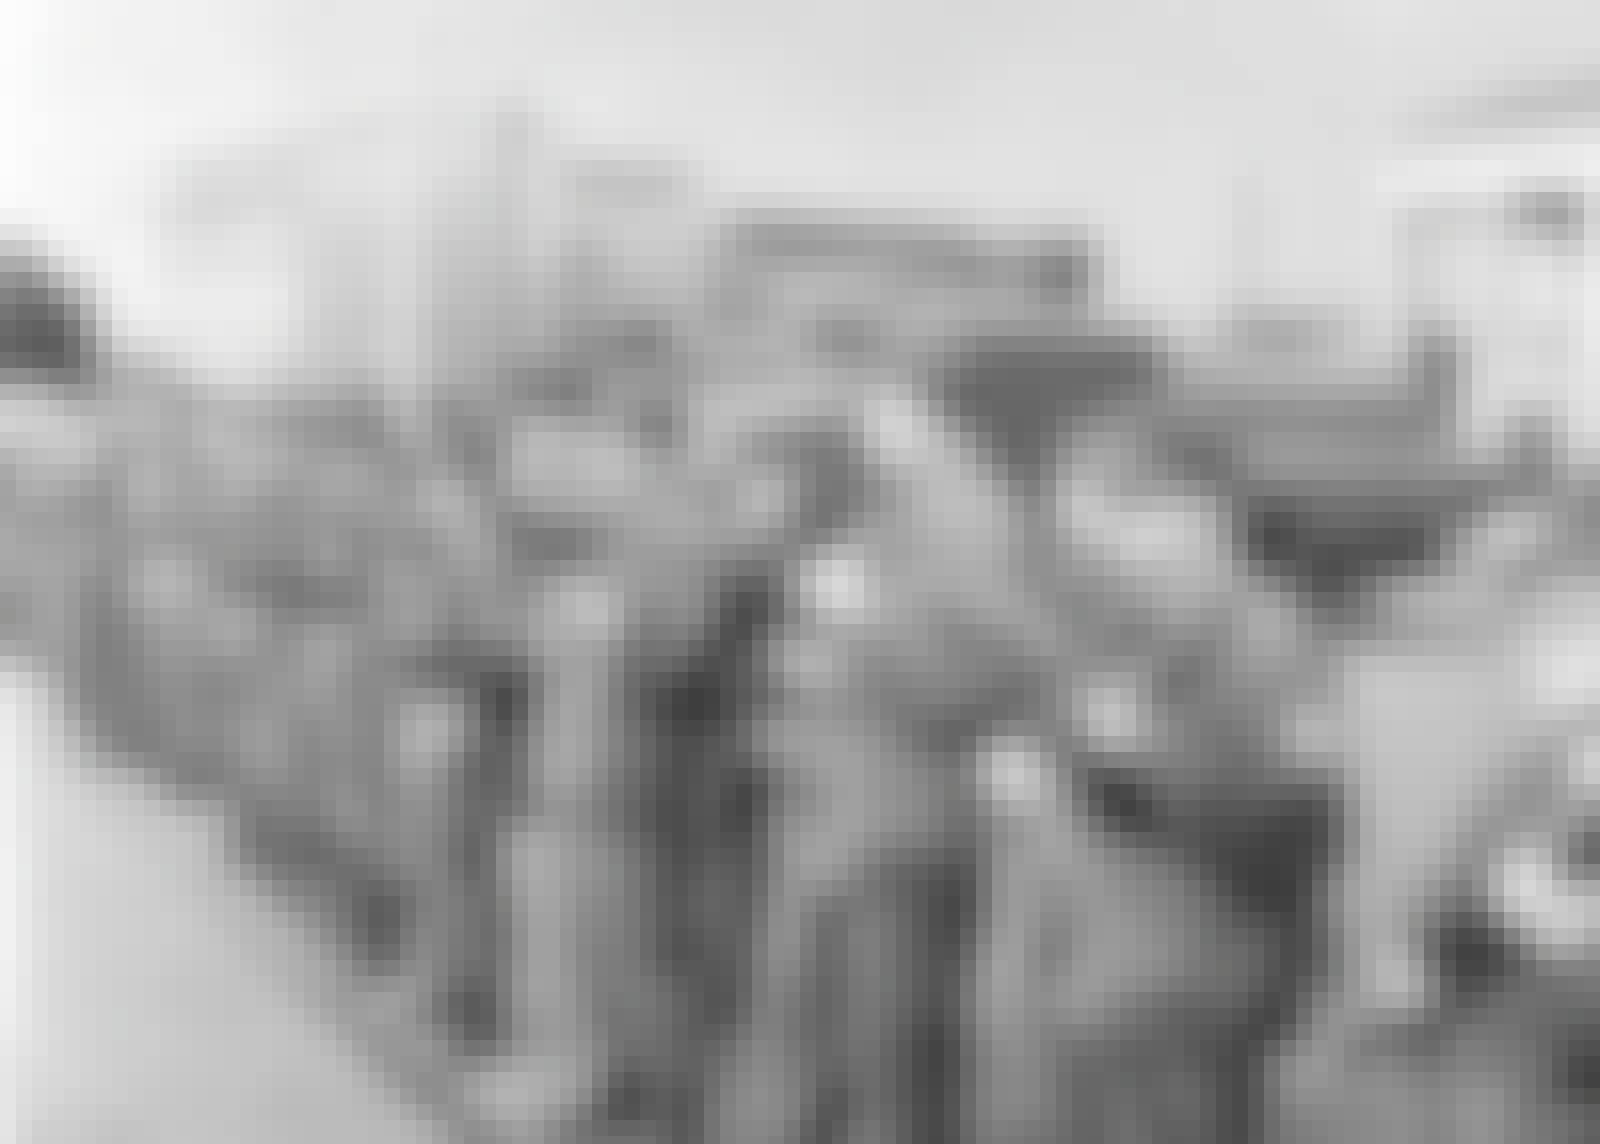 Itäsaksalaisia sotilaita vuonna 1961 Berliinin muurina.